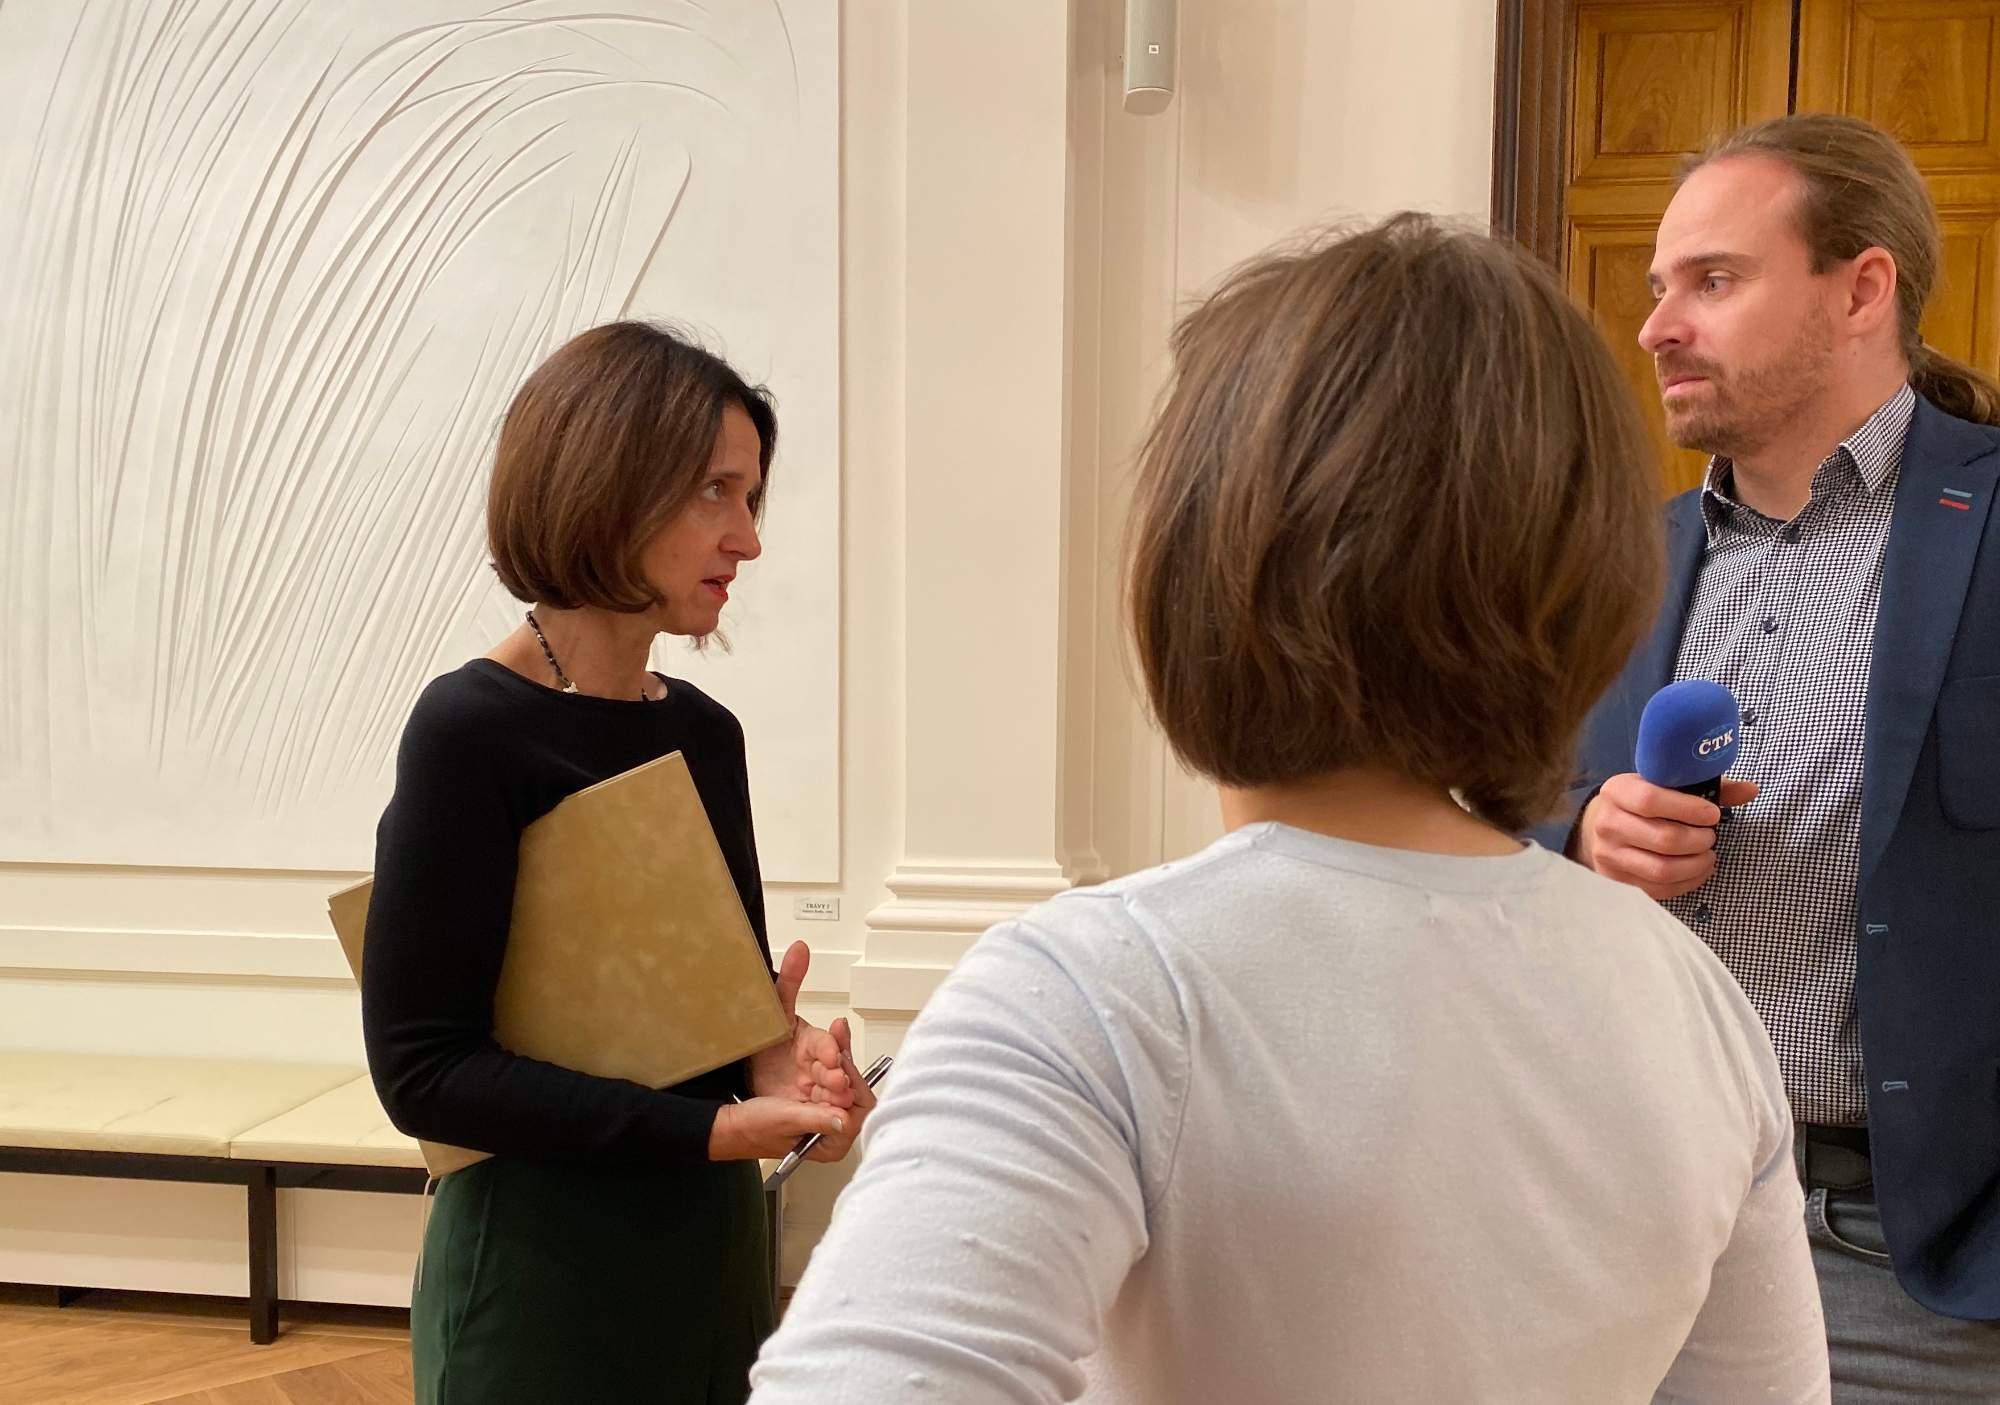 Soudkyně Kateřina Šimáčková vysvětluje novinářům situaci.